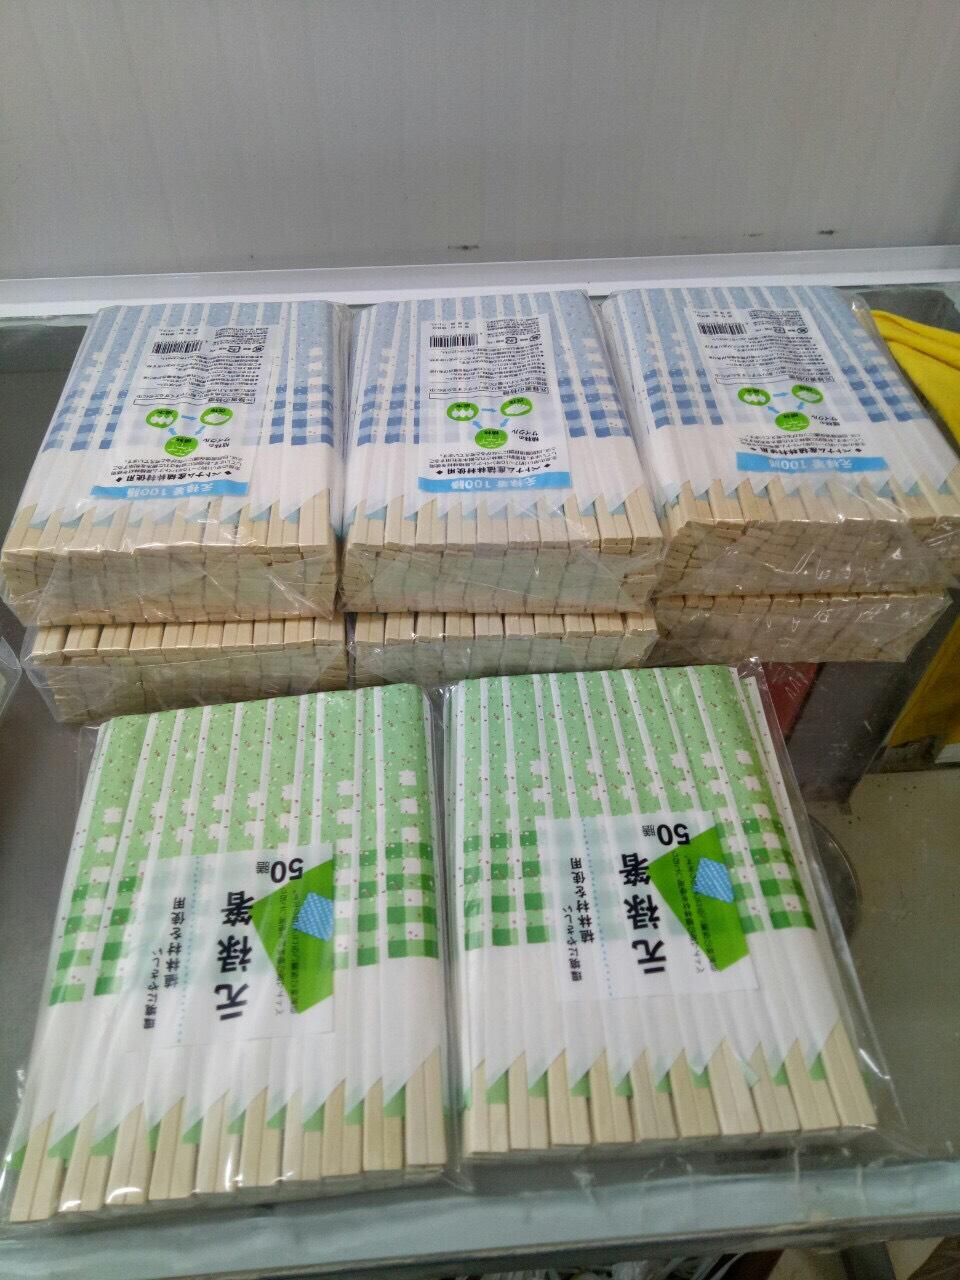 30 đôi đũa gỗ tách dùng 1 lần đóng gói bao giấy hở